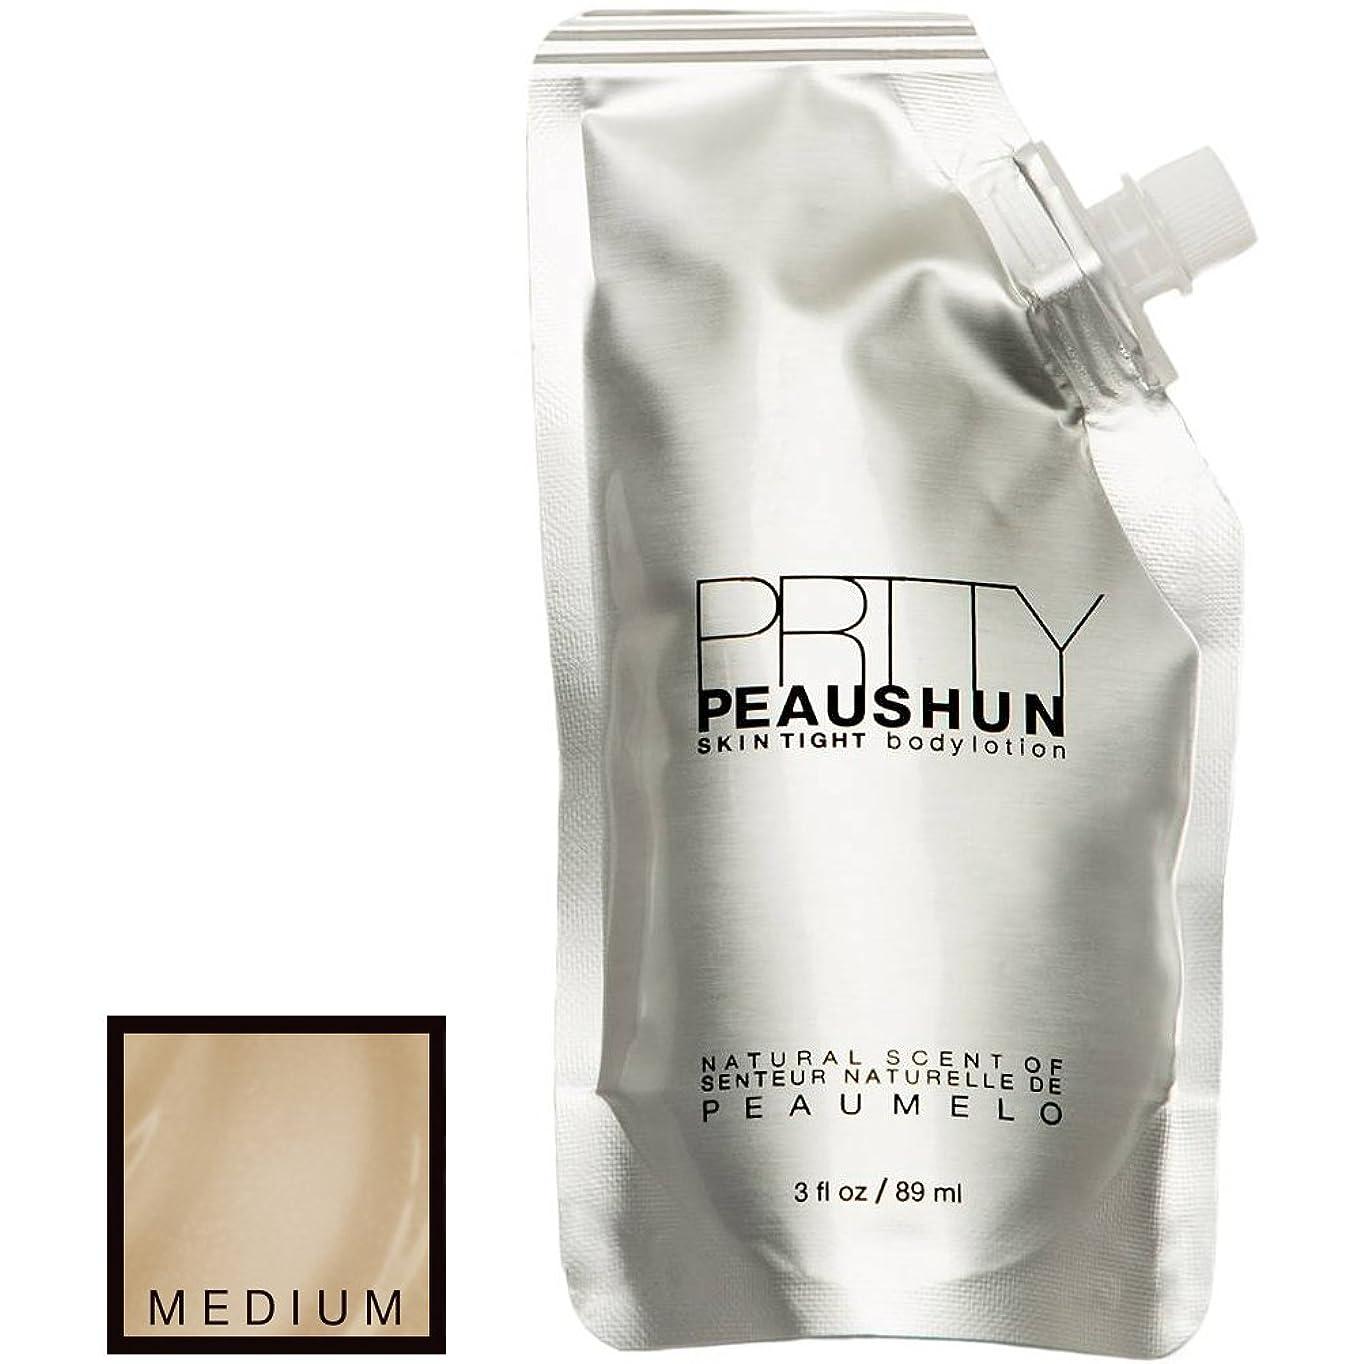 ハウジング人形降伏Prtty Peaushun Skin Tight Body Lotion - Medium by Prtty Peaushun